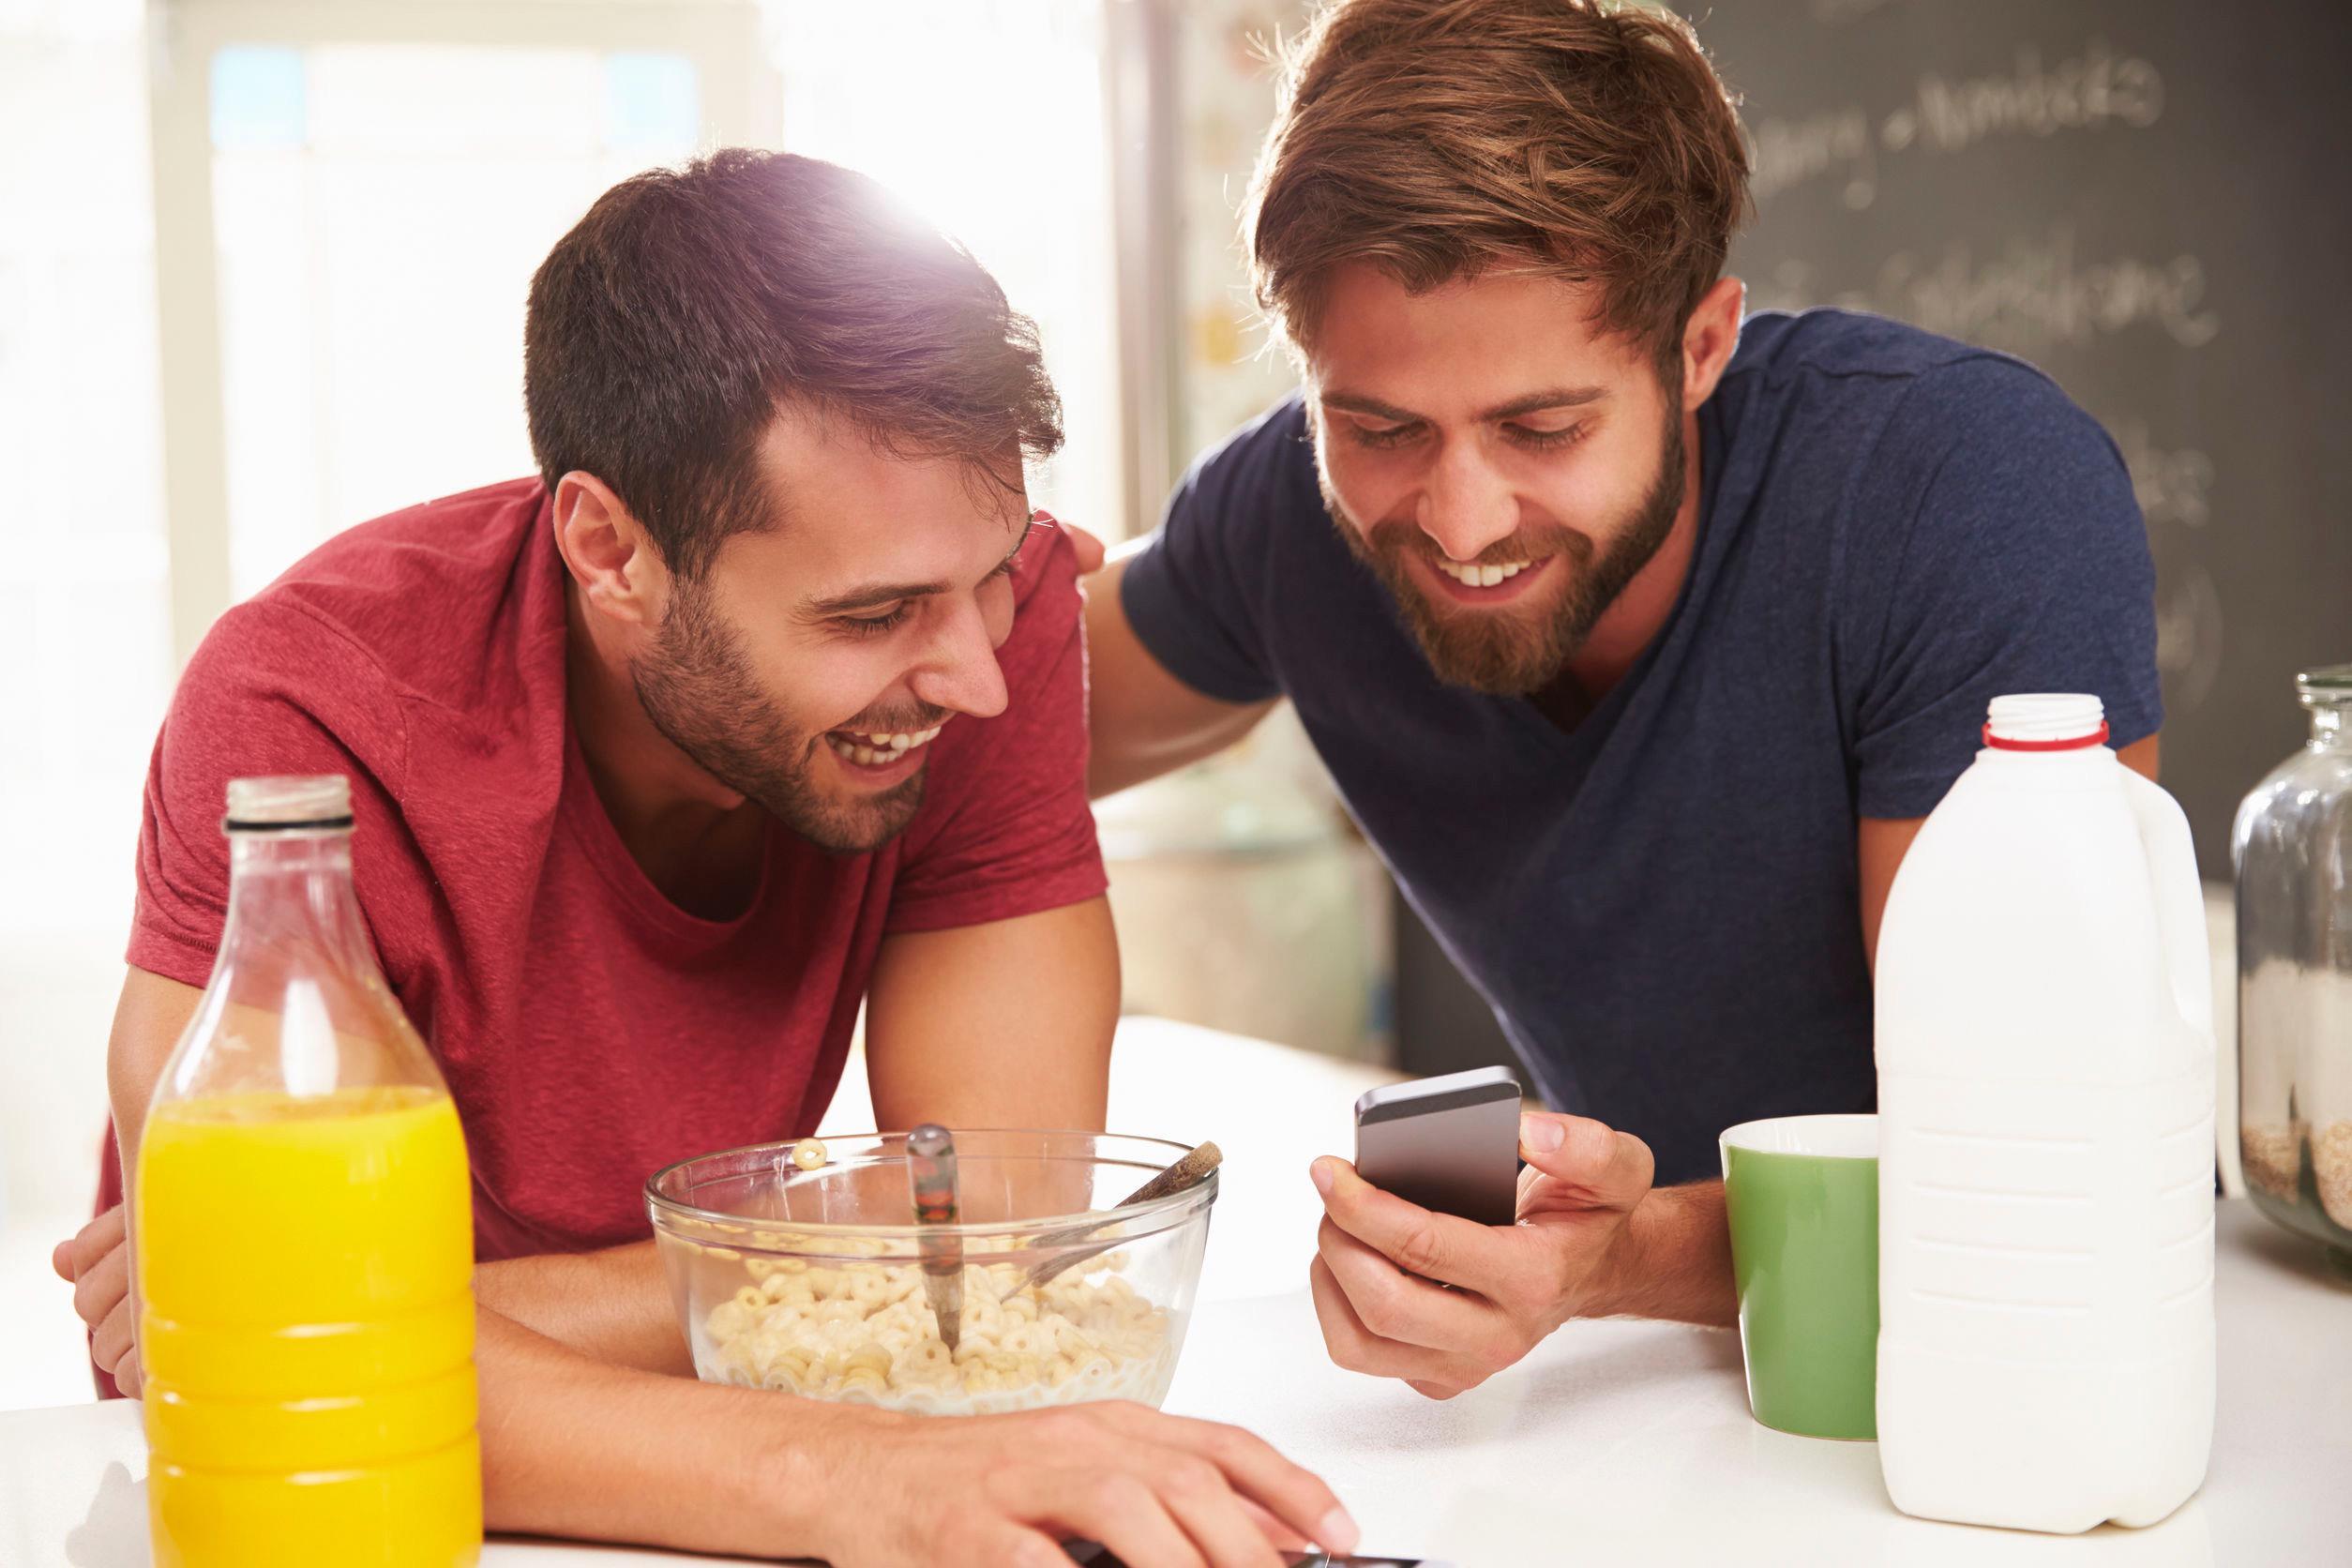 männer im cafe kennenlernen